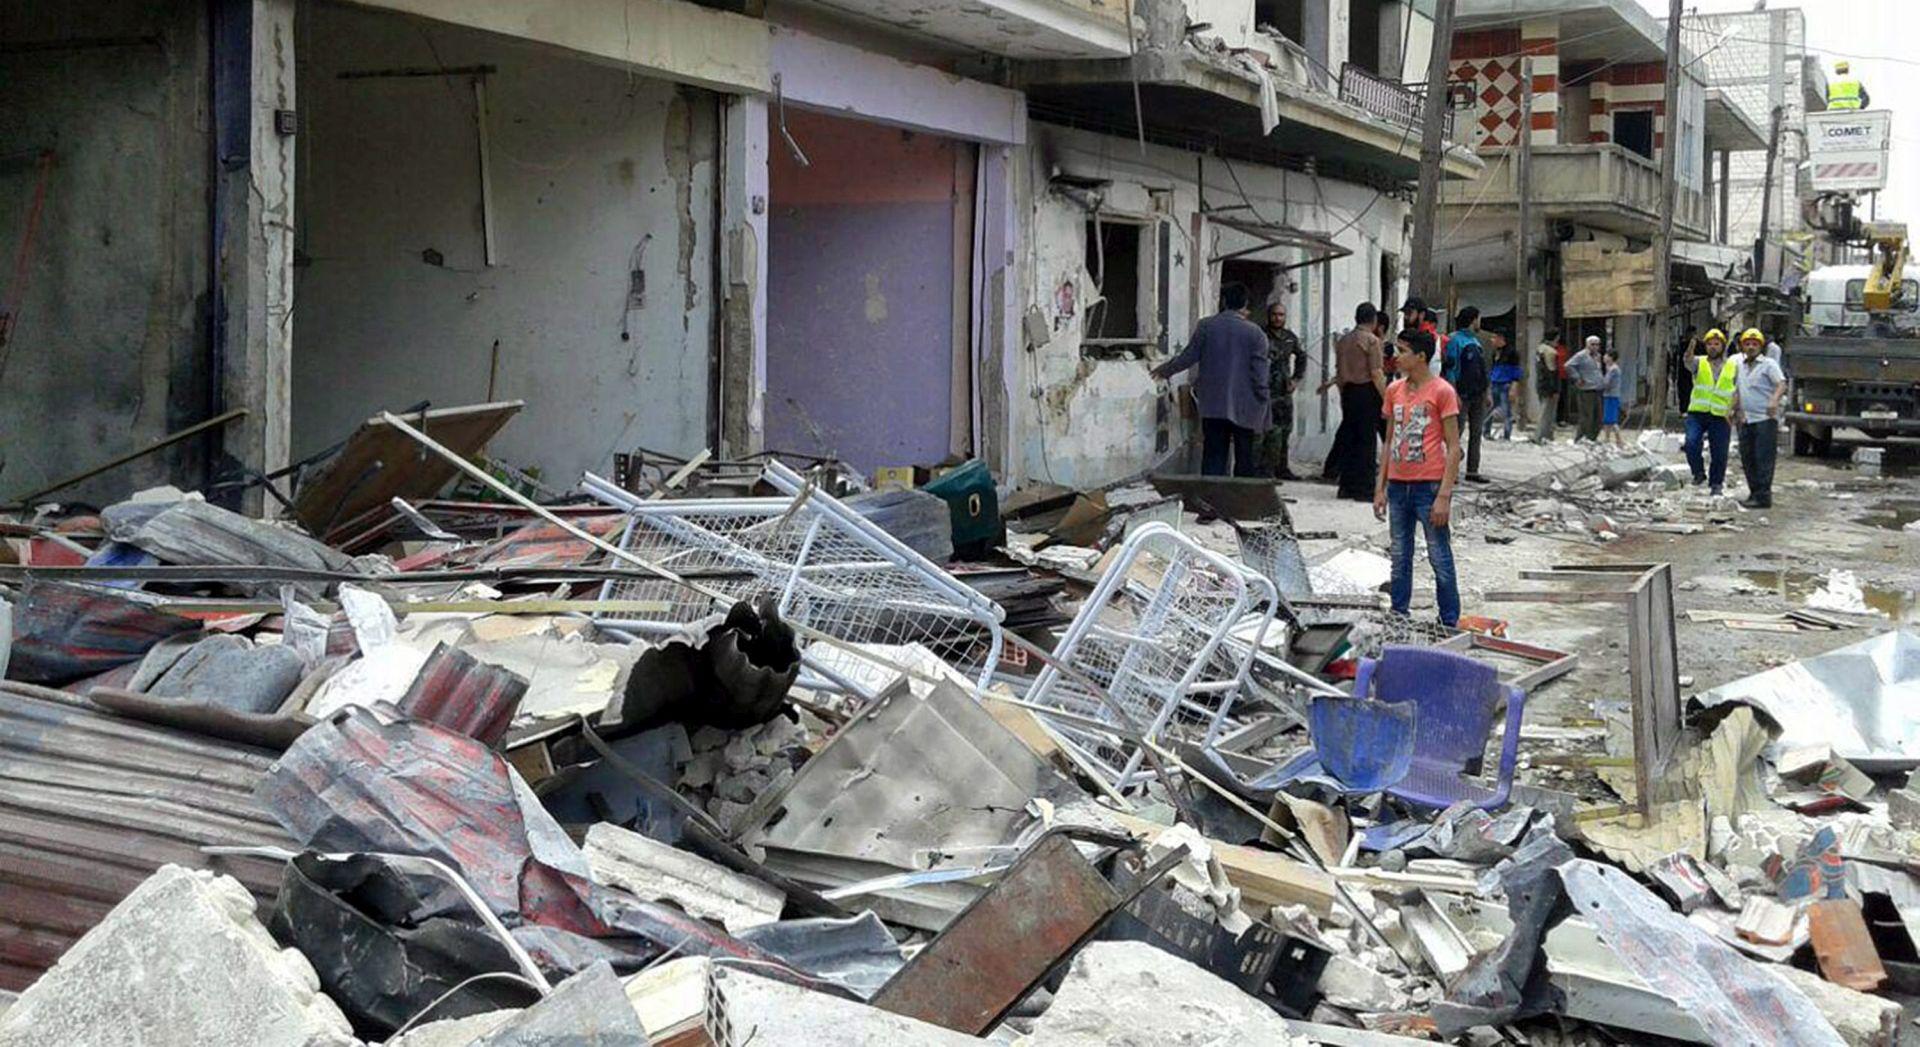 ZRAČNI UDARI: U logoru za raseljene osobe u Siriji najmanje 28 mrtvih